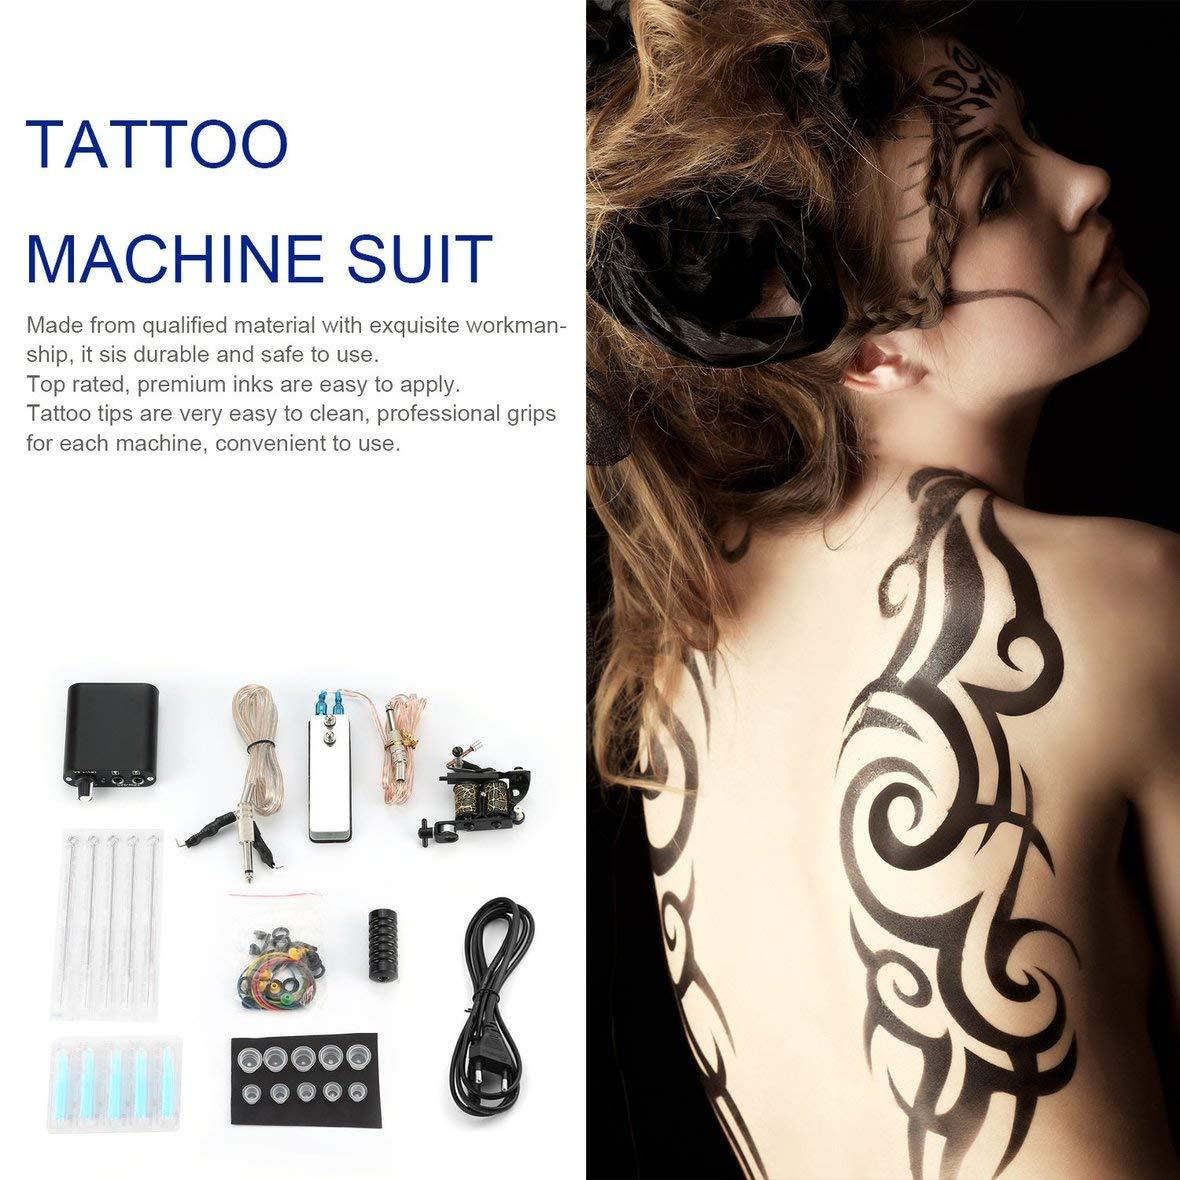 Heaviesk M/áquina para Hacer Pistolas de Tatuaje Kit de Tatuaje para Principiantes Completo Tintas para m/áquinas Profesionales Fuente de alimentaci/ón Agujas agarres Consejos